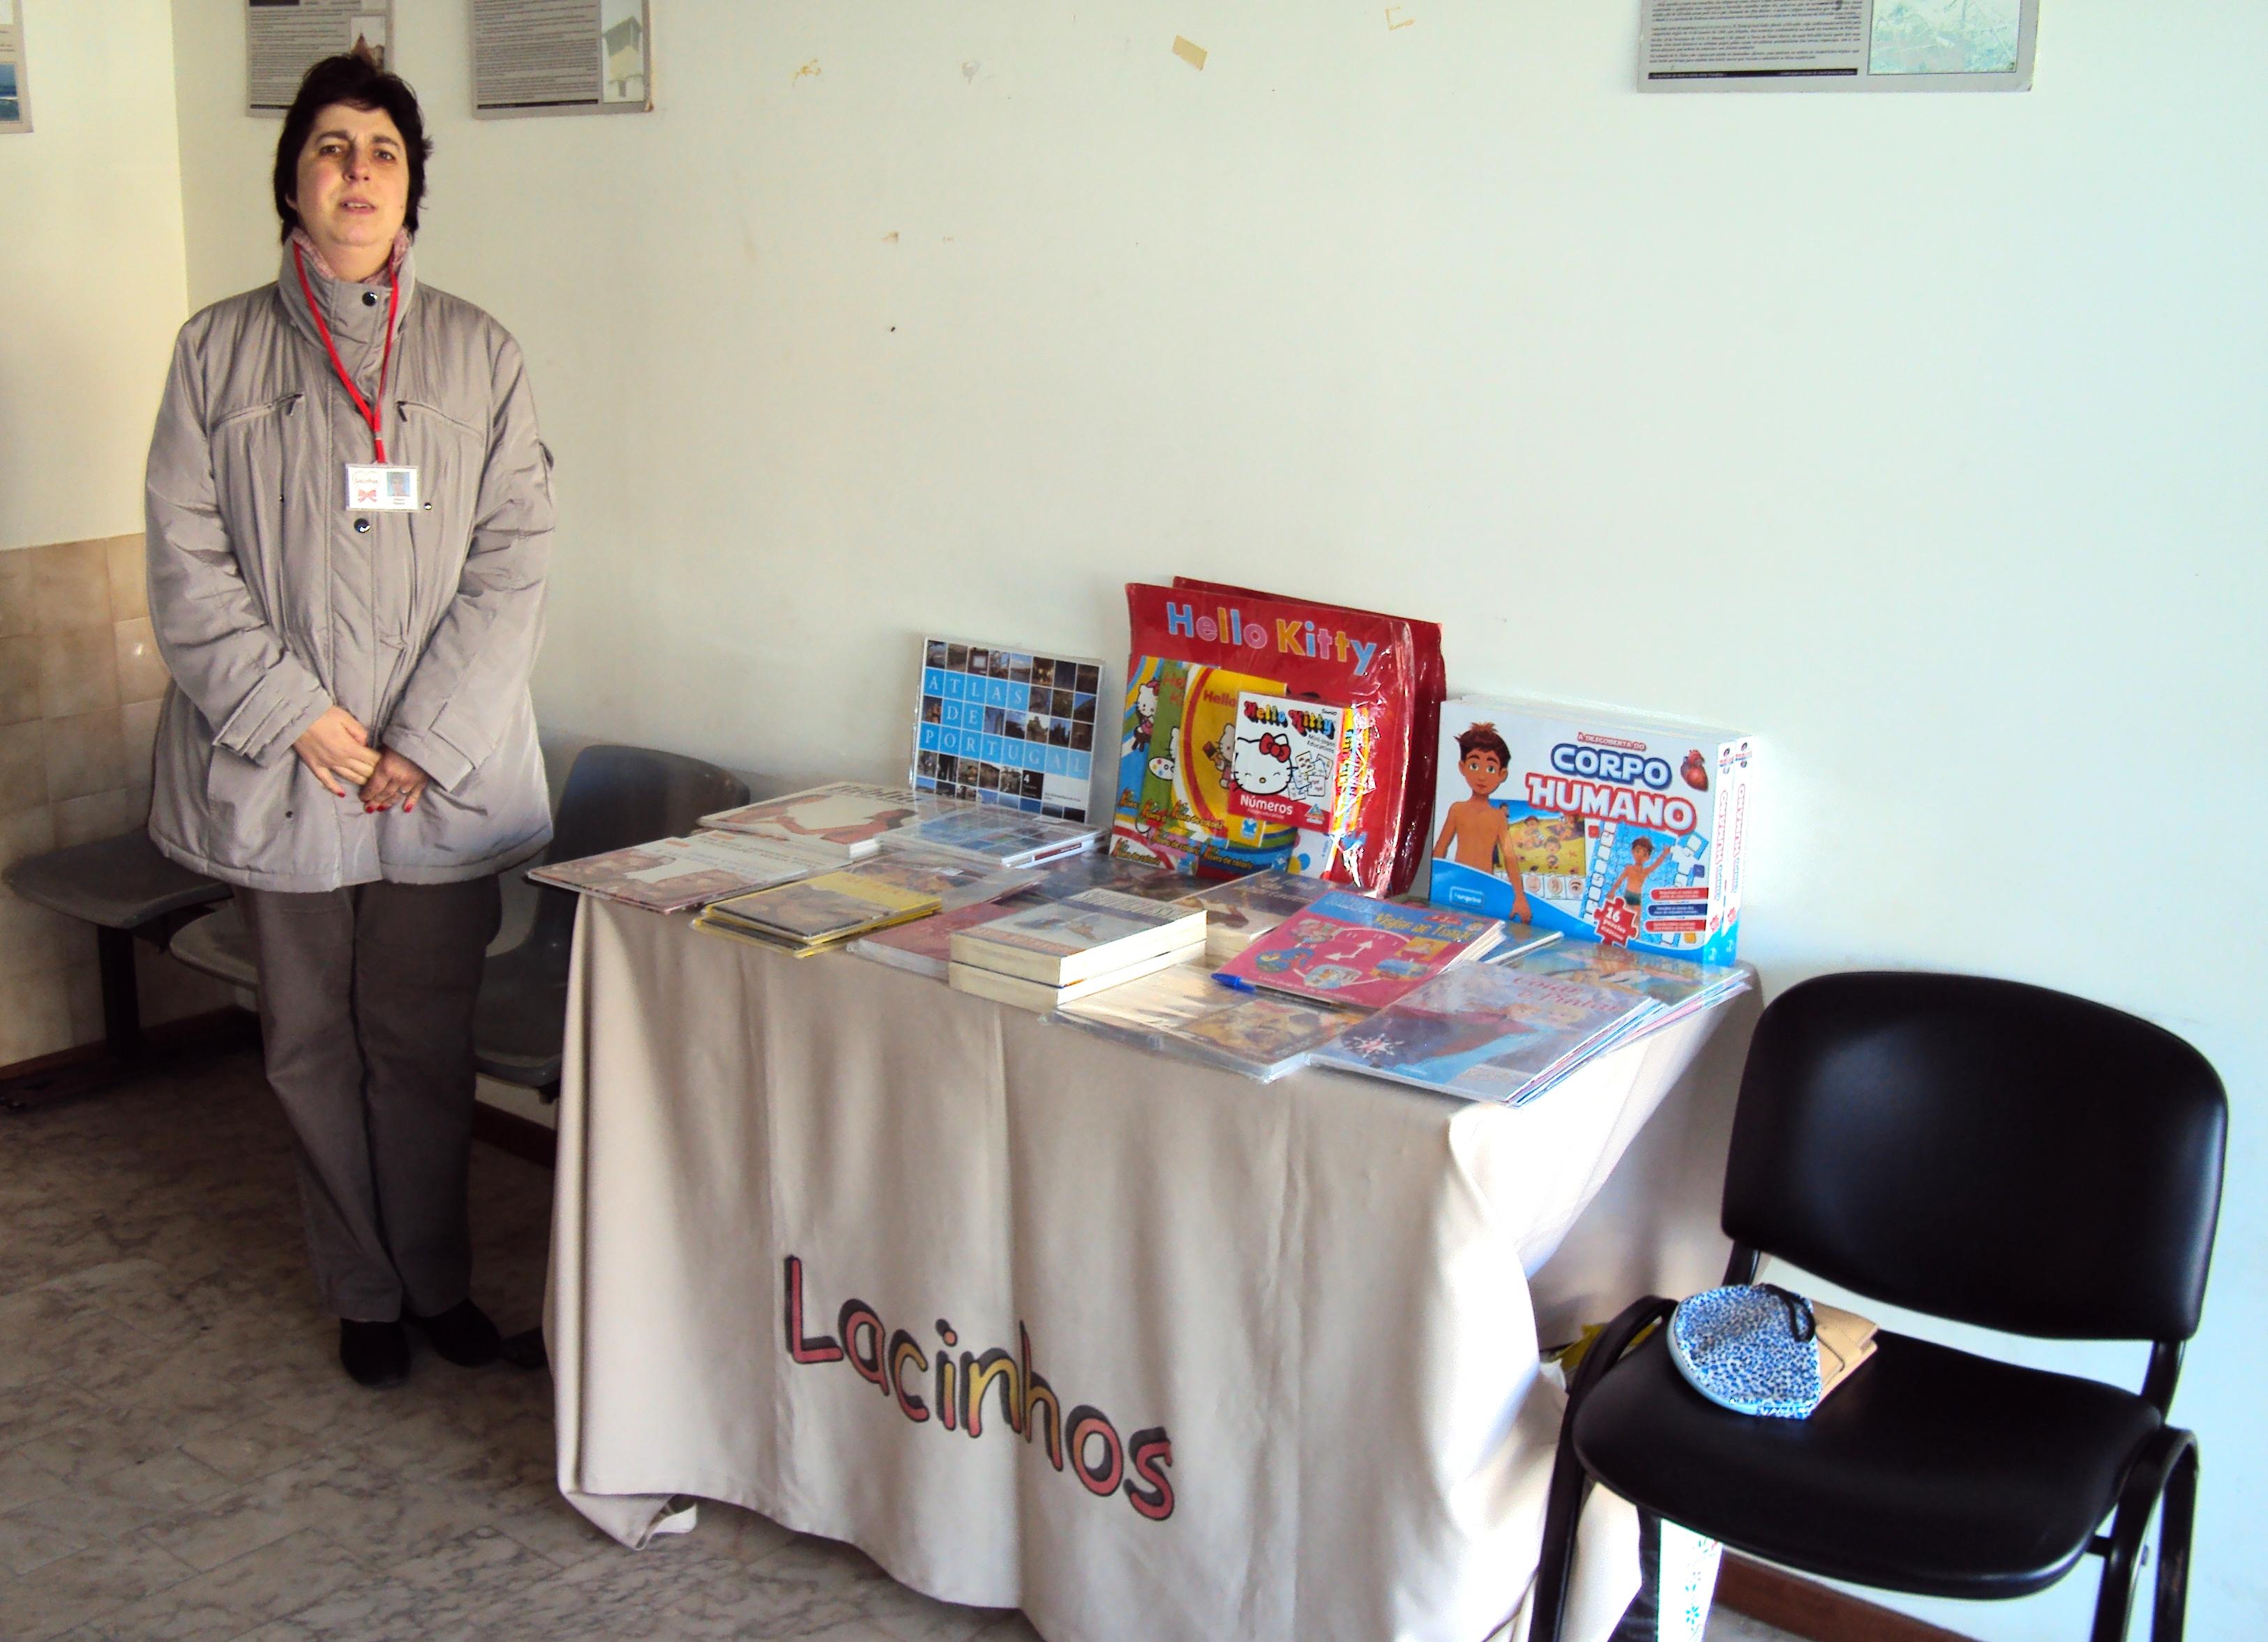 Expo Lacinhos Janeiro 17